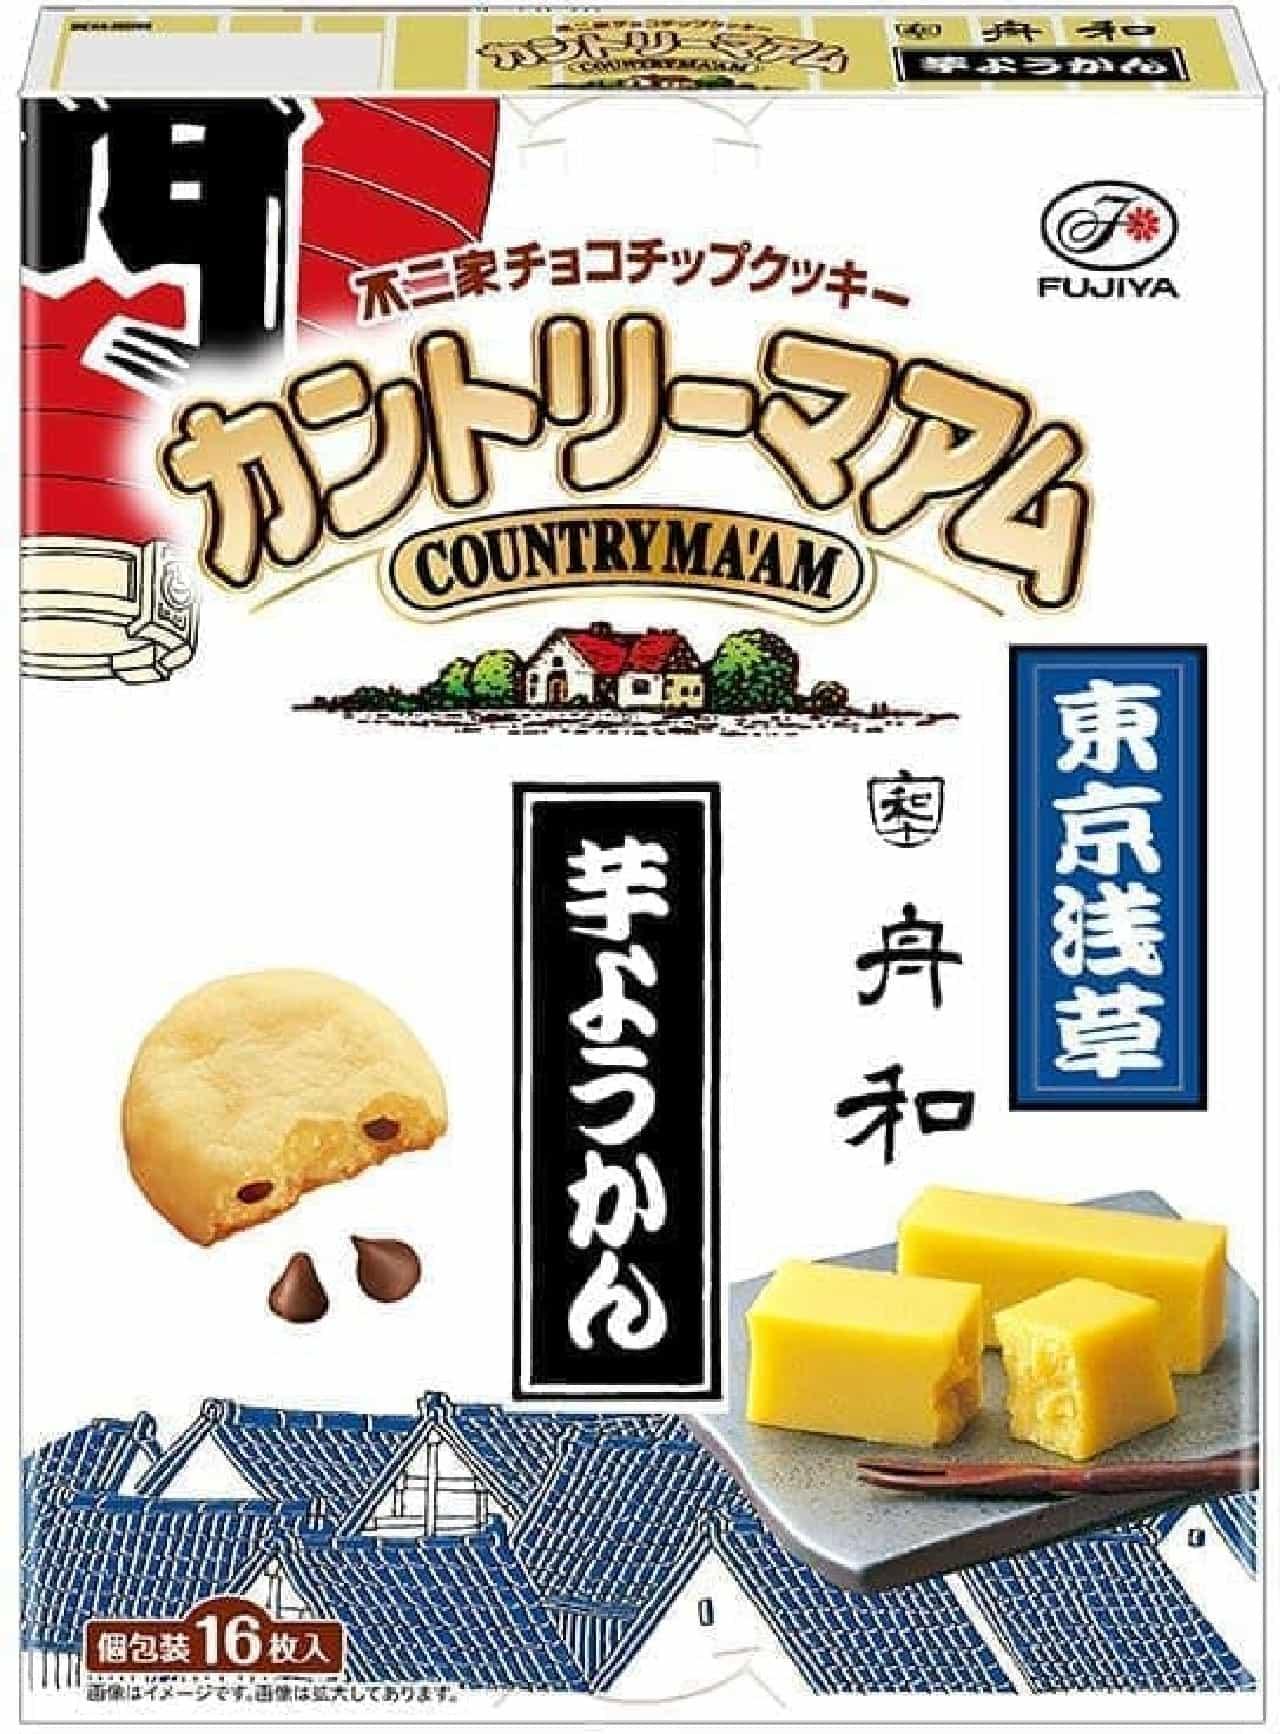 カントリーマアム「【東京土産】16枚カントリーマアム(舟和芋ようかん)」